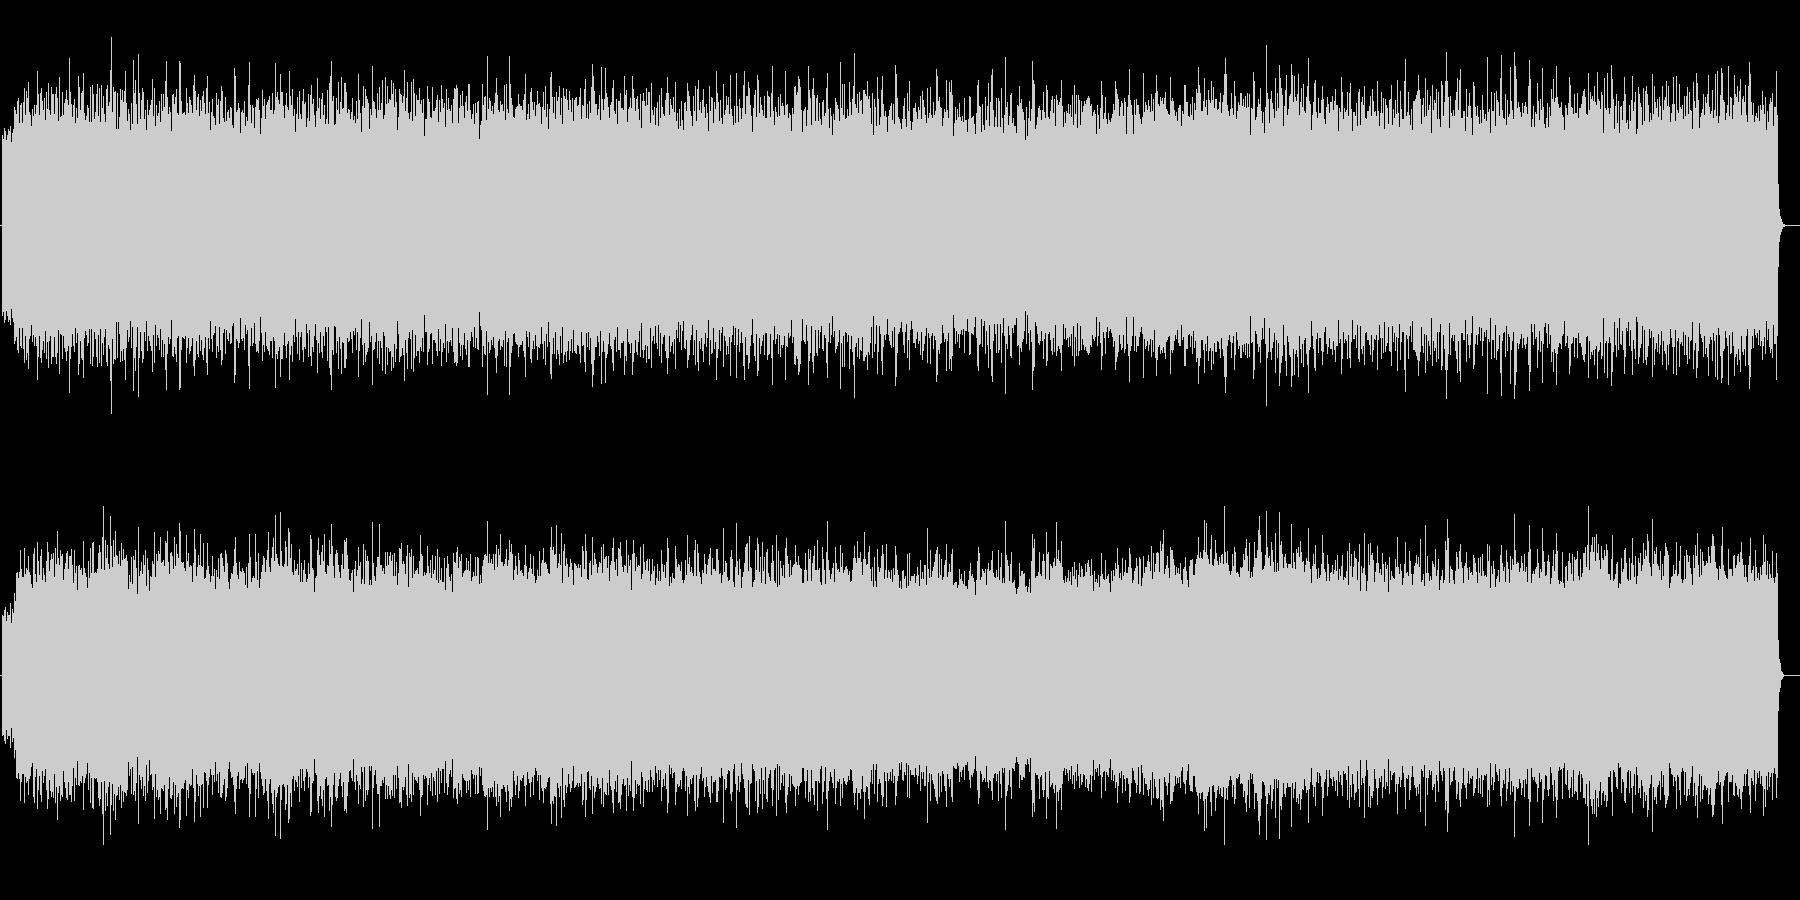 ステレオラブ風のオルガンSFモンドの未再生の波形